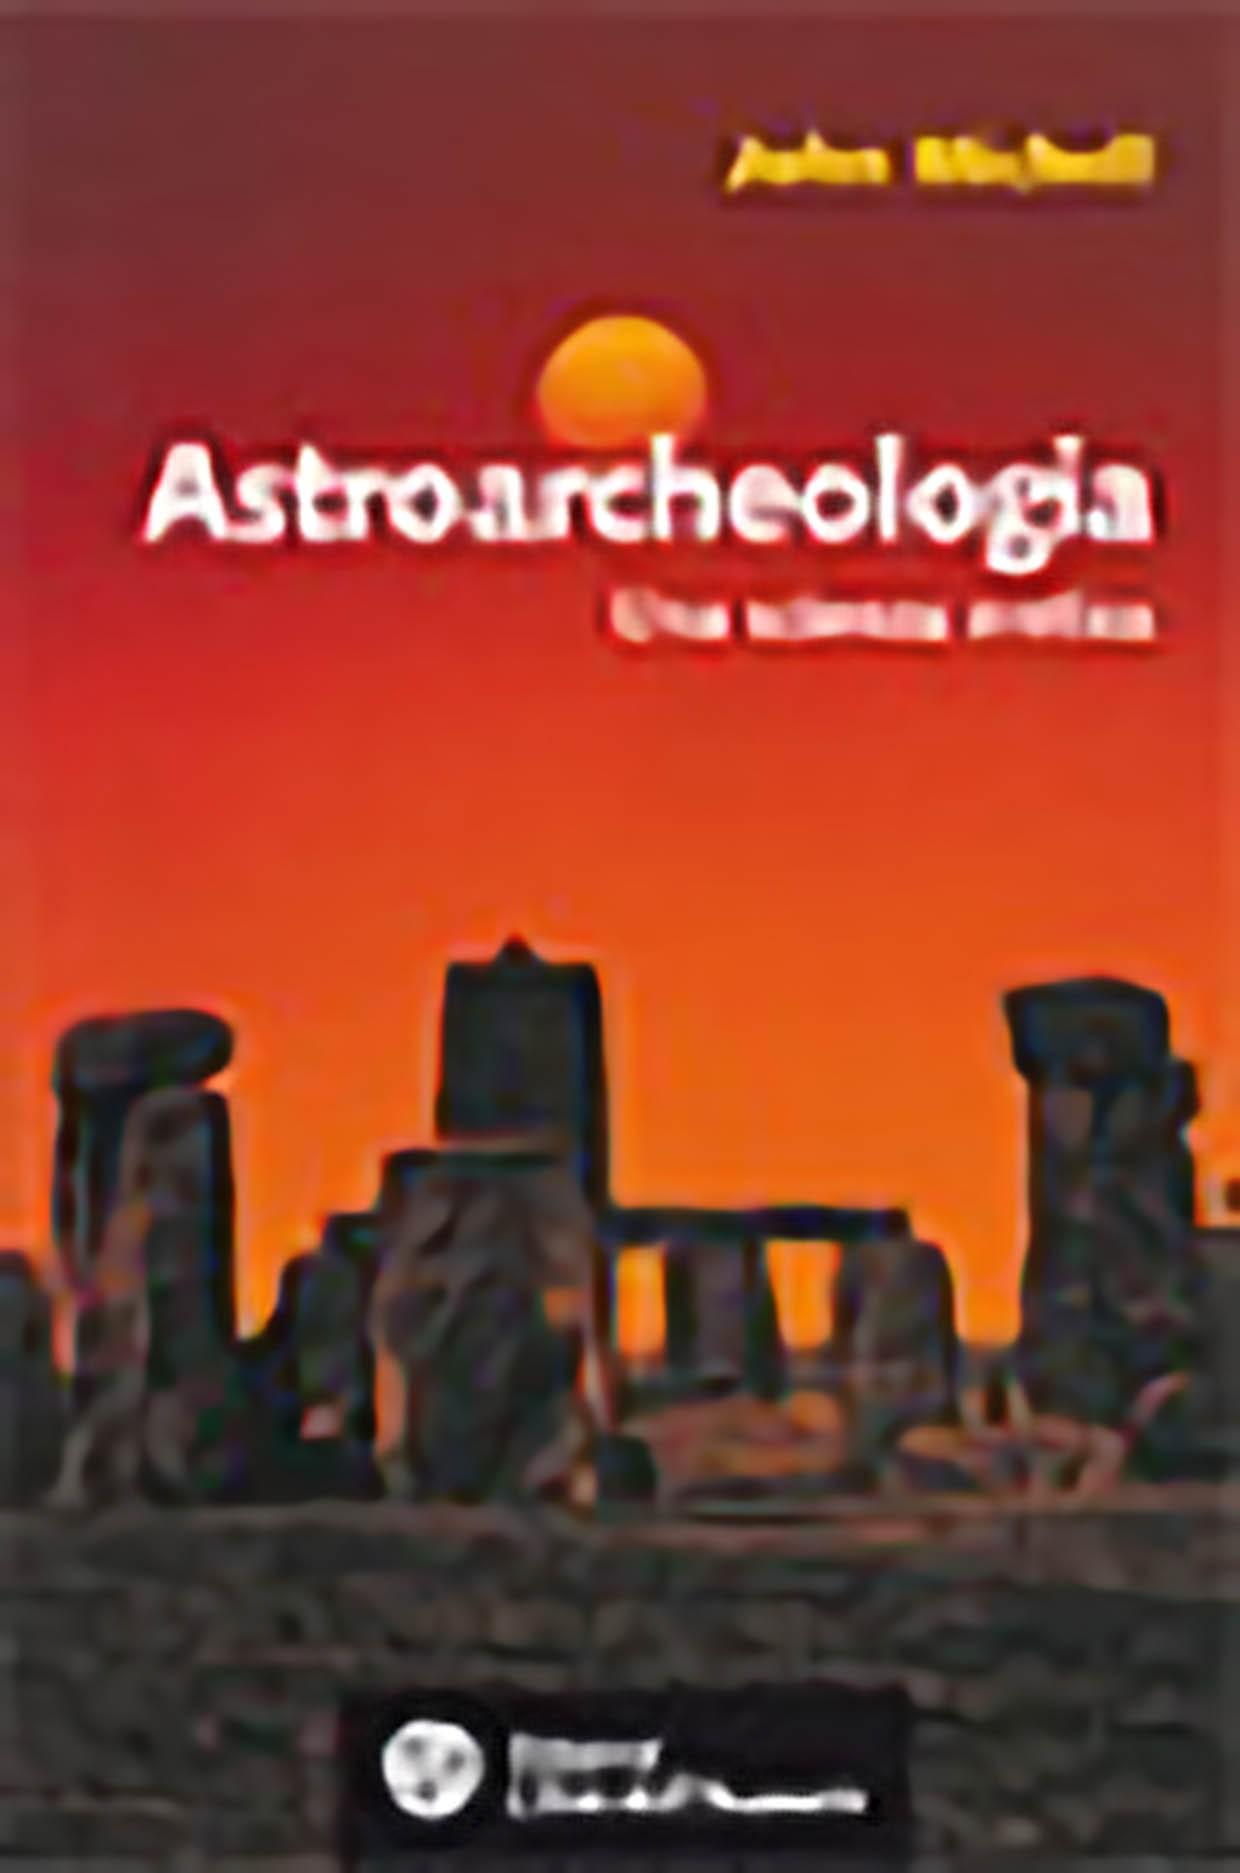 astroarcheologia   Libreria Esoterica Il Reame d'Inverno